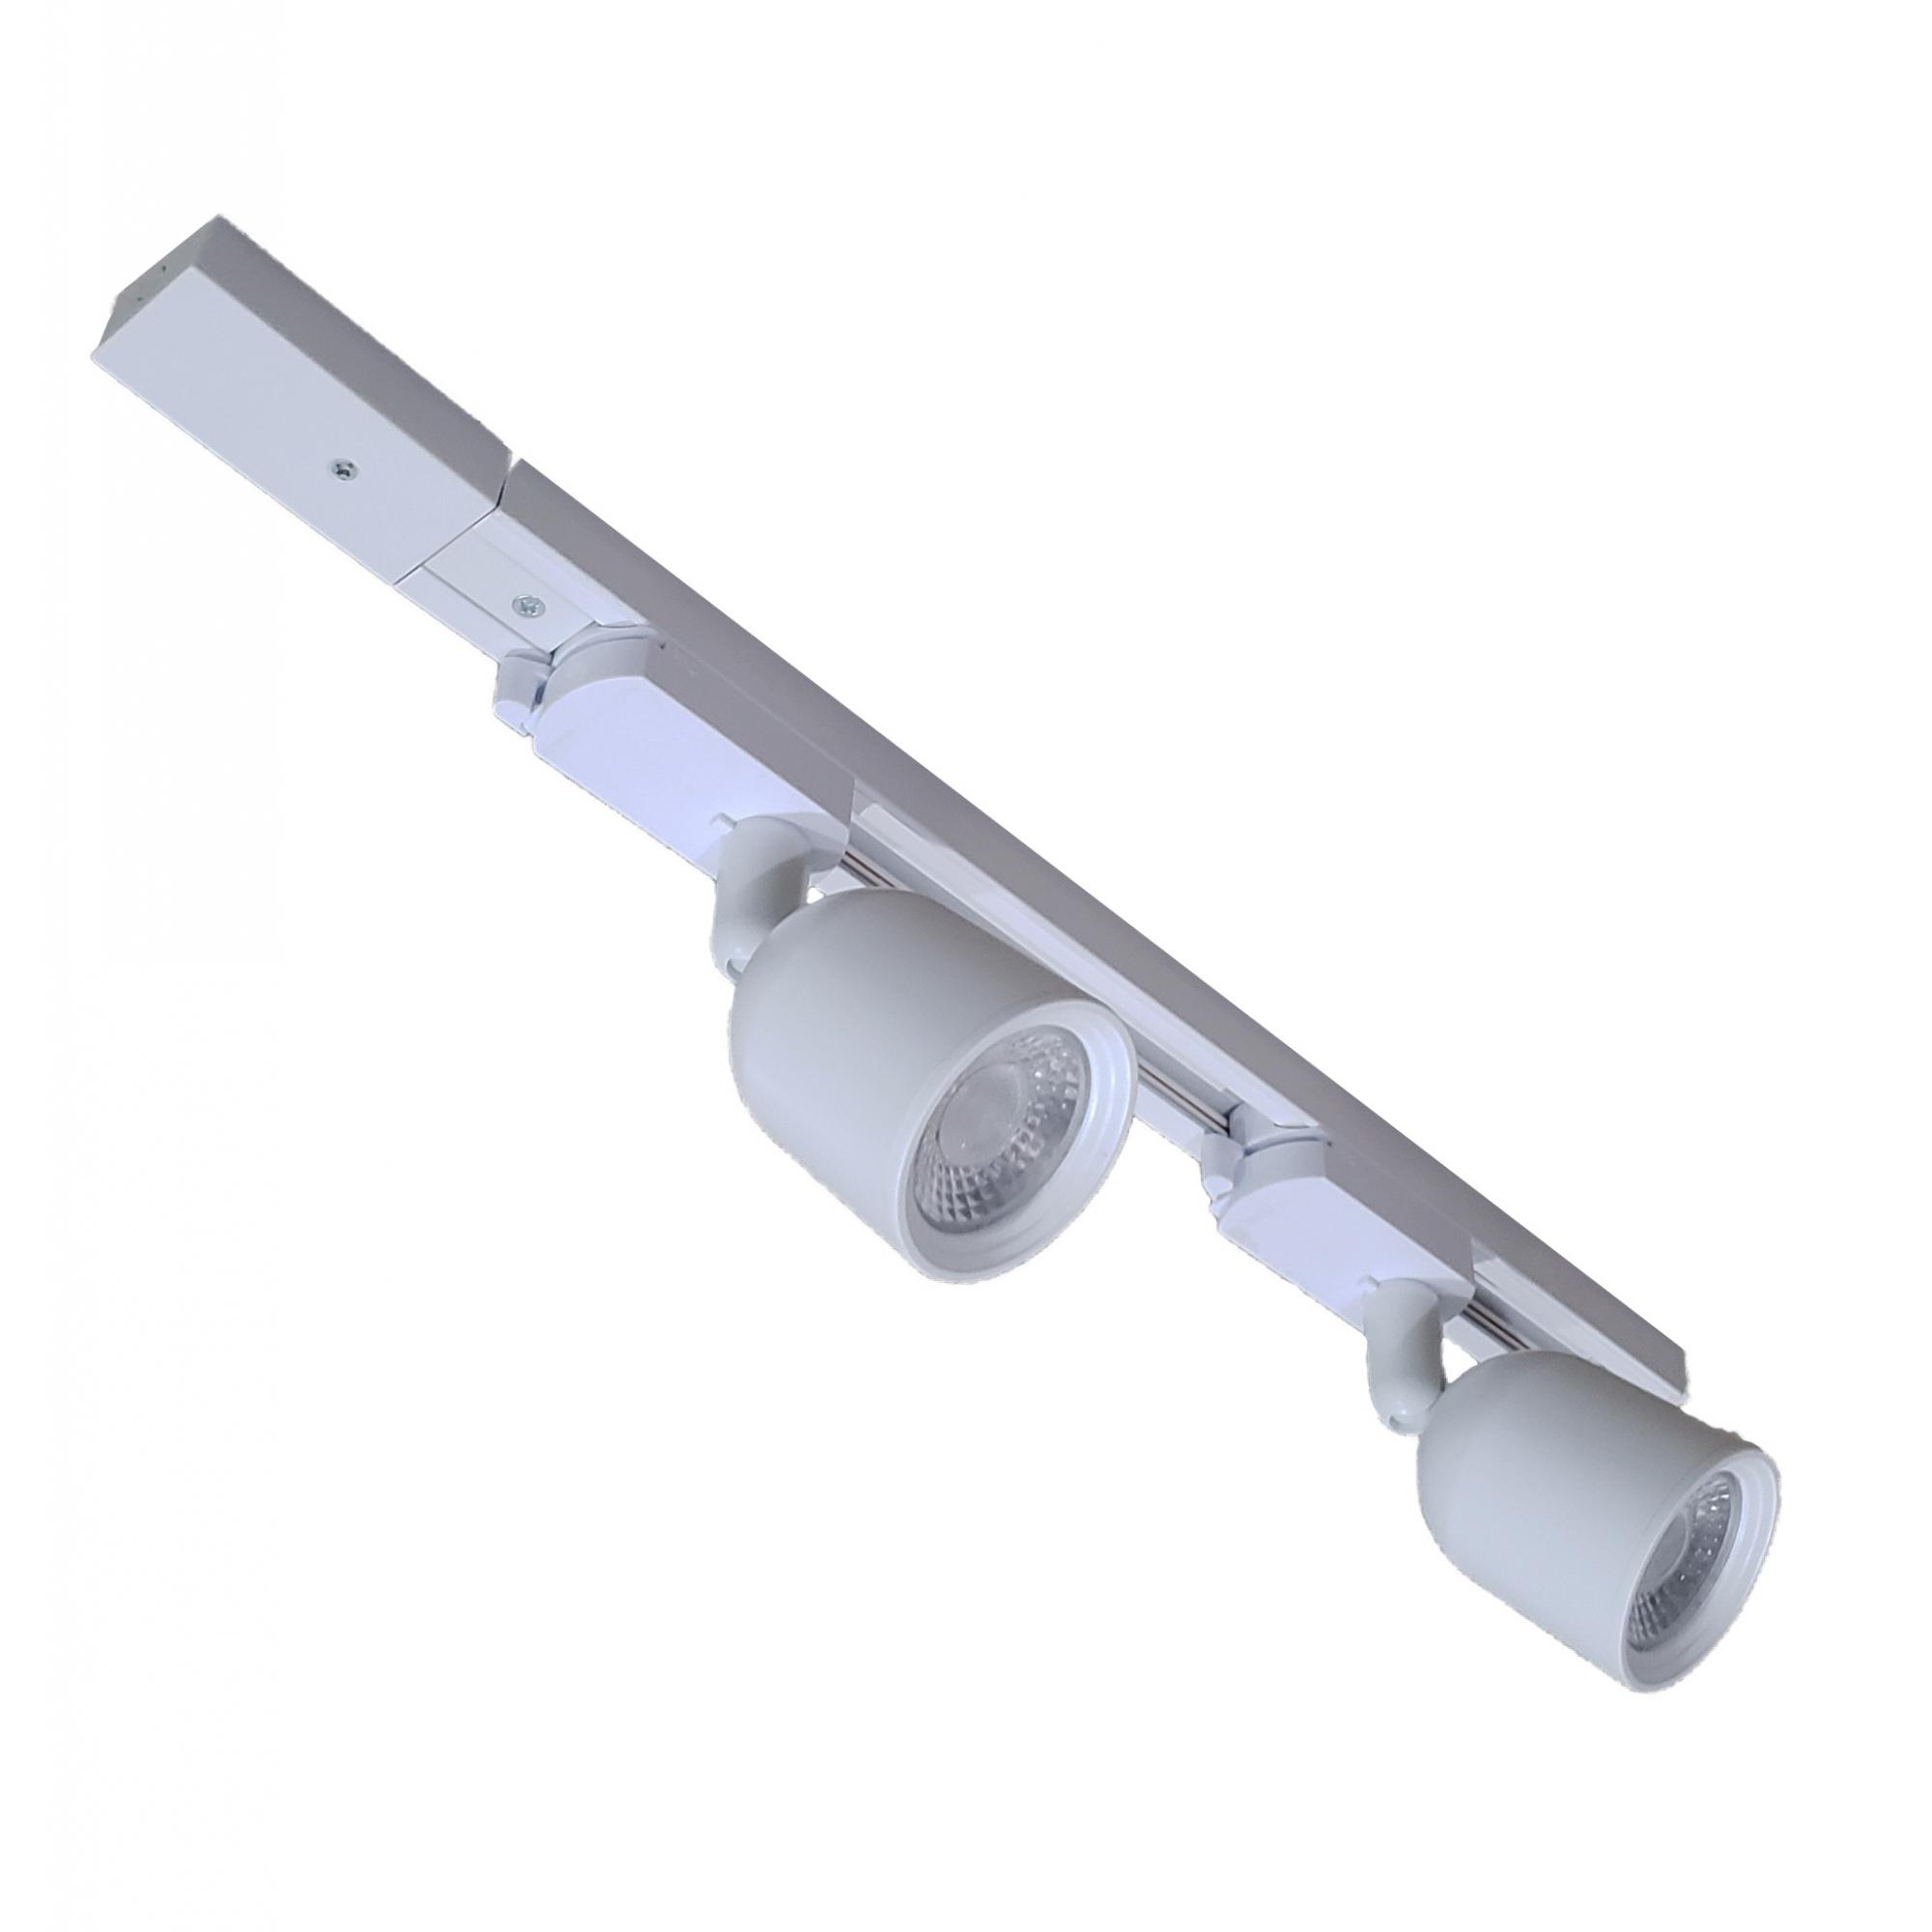 TRILHO ELETRIFICADO 50 CM + 2 SPOTS LED AVANT 7W BRANCO 6500K